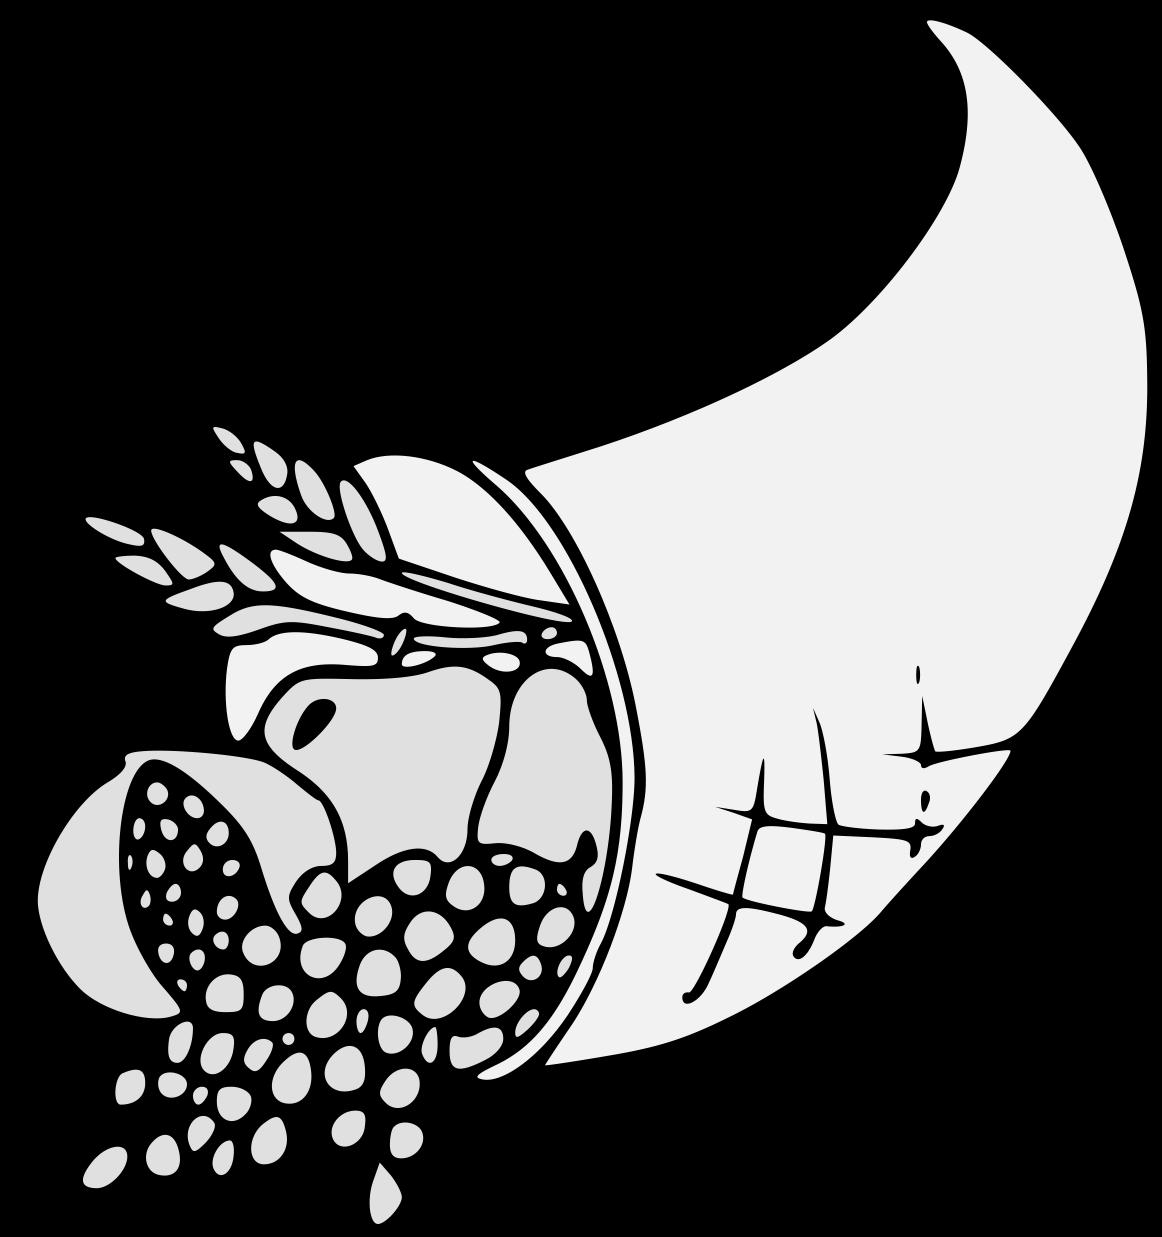 Cornucopia clipart plenty. Traceable heraldic art effluent